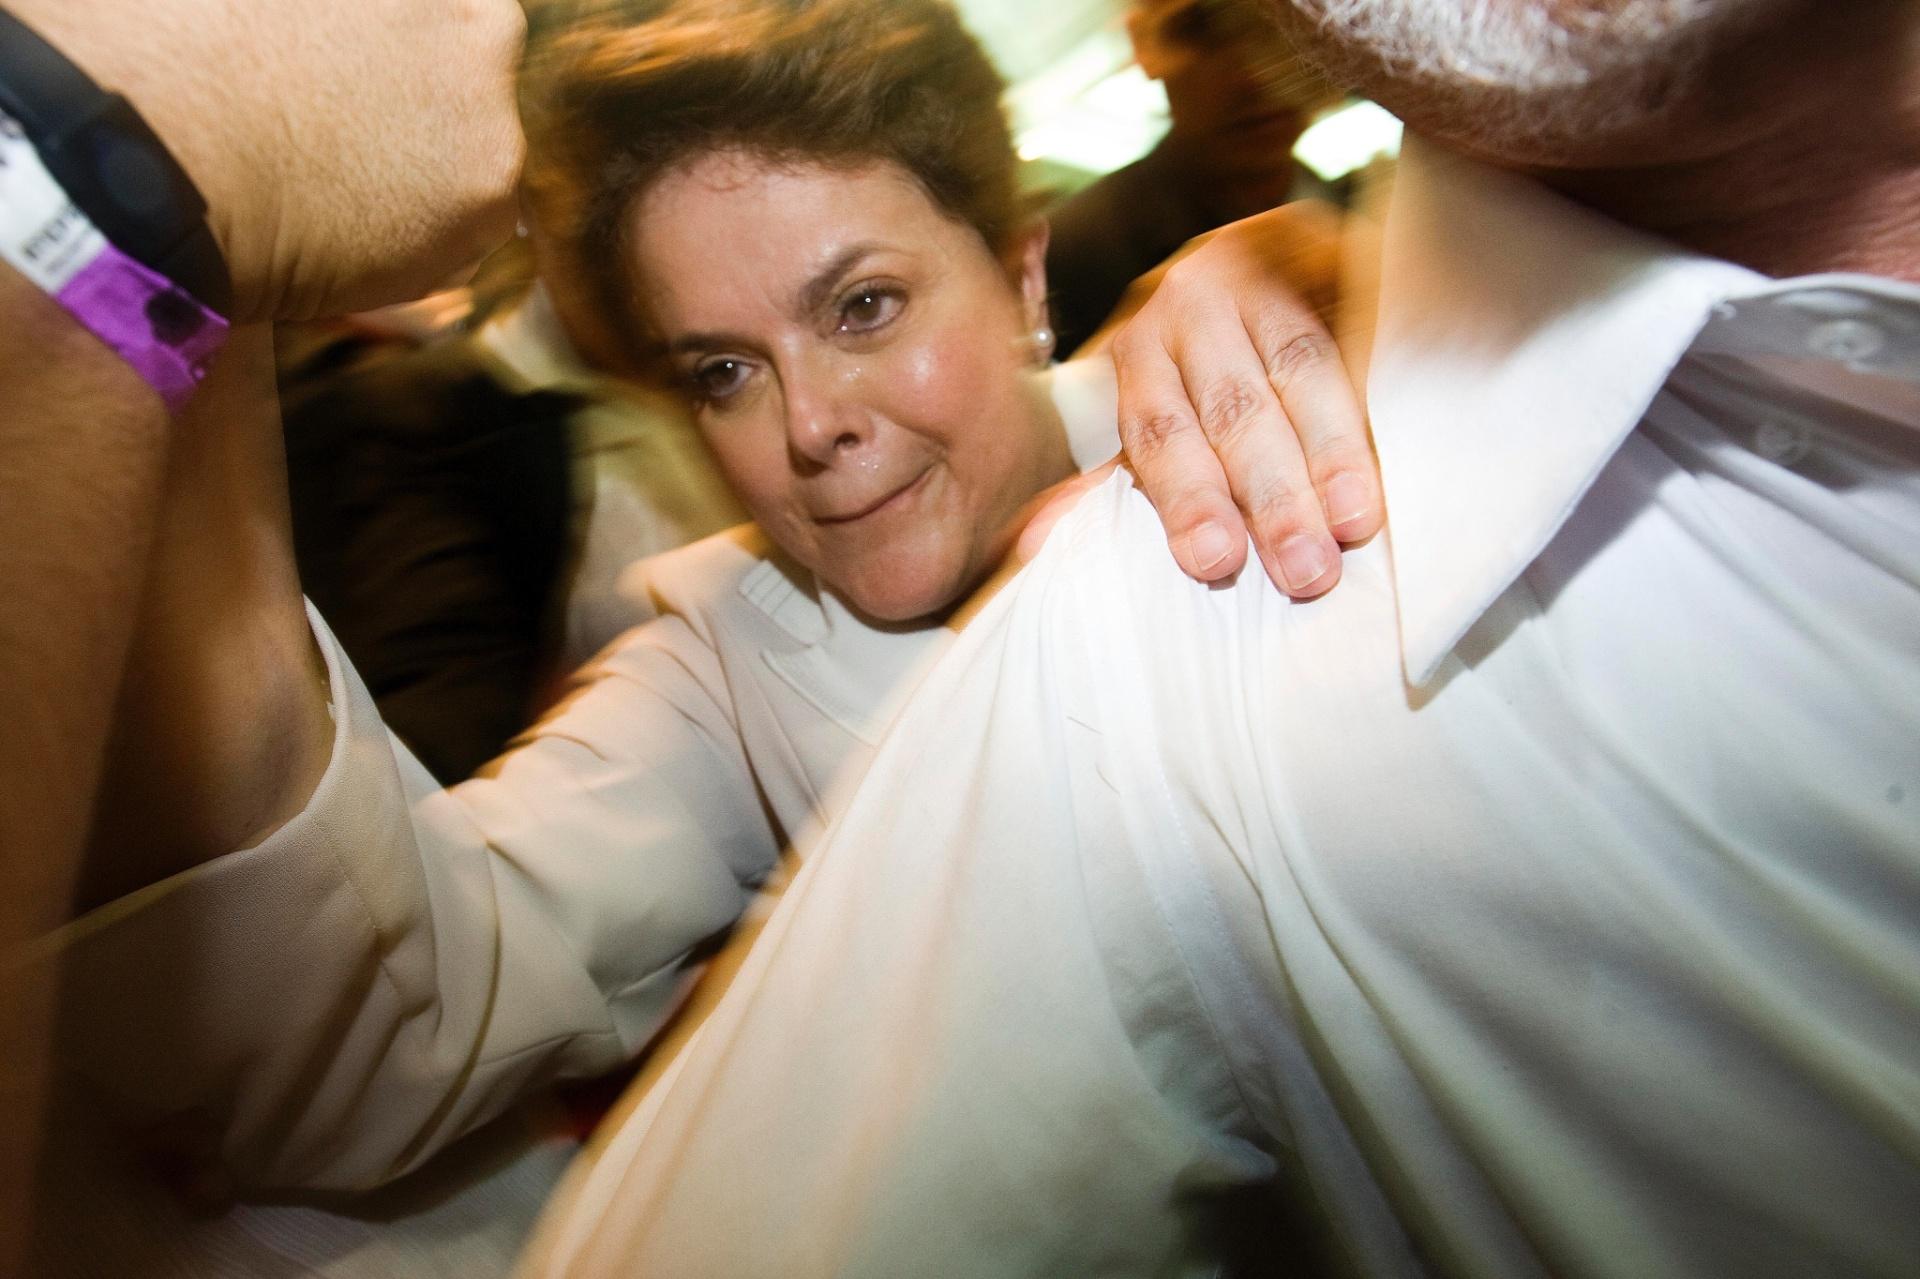 31.out.2010 - Dilma Rousseff venceu a primeira eleição da sua vida no segundo turno contra o candidato do PSDB, José Serra. Recebeu 55,7 milhões de votos (56,05%), sendo a primeira mulher a chegar ao Palácio do Planalto. Na foto, feita em 31 de outubro, ela comemora o resultado do segundo turno